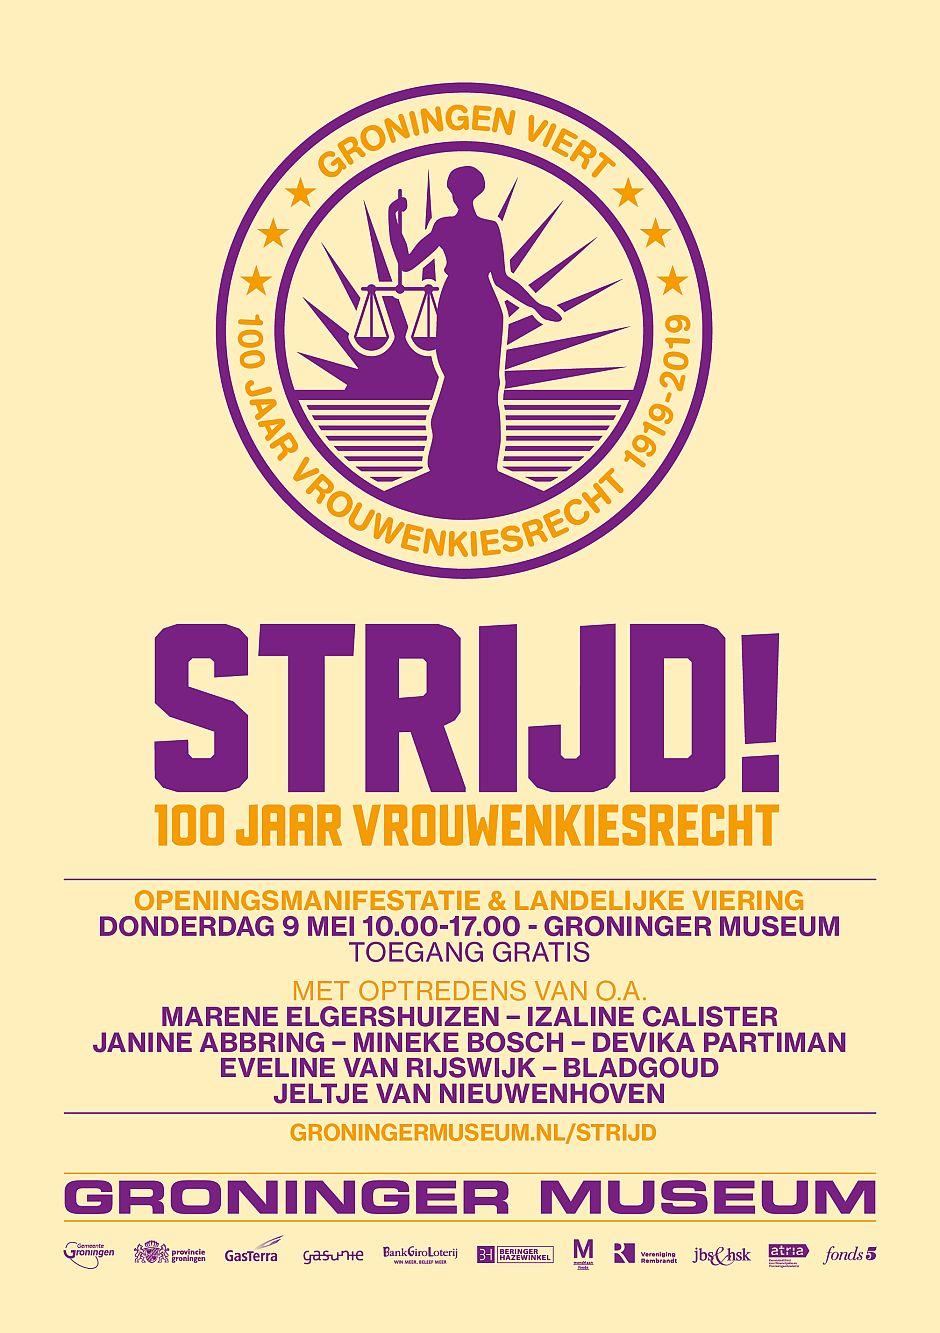 Afbeeldingsresultaat voor 100 jaar vrouwenkiesrecht